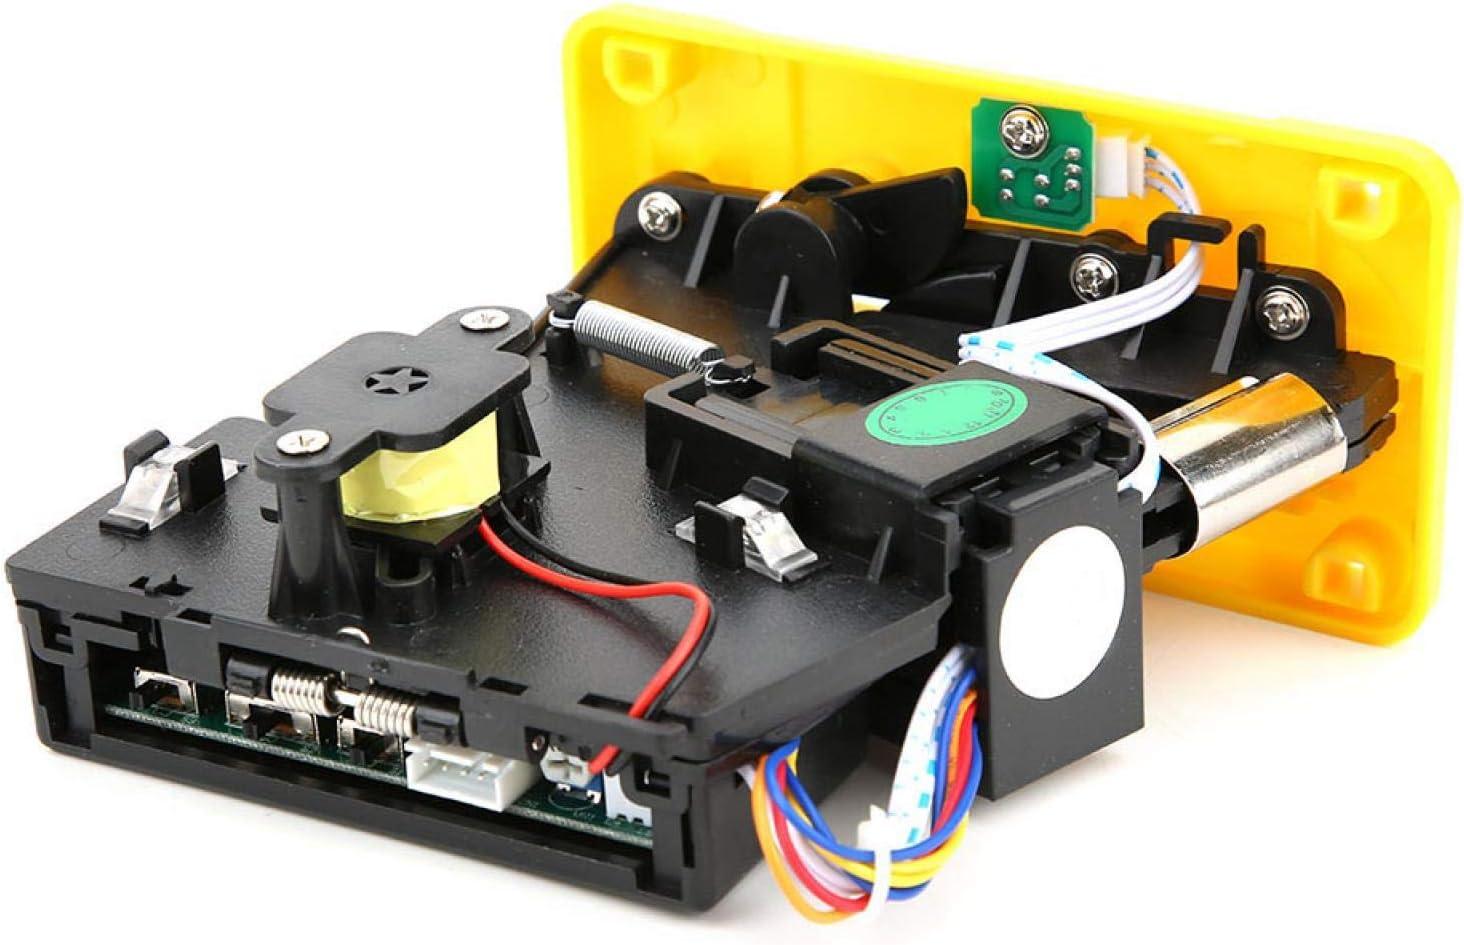 Okuyonic DC + 12V ± 10%, Plata, Amarillo, -15 ℃ ~ + 15 ℃, Selector mecánico de Monedas, con indicador LED, Aceptador de Monedas, para máquina de Venta de Agua para máquinas expendedoras(Yellow)